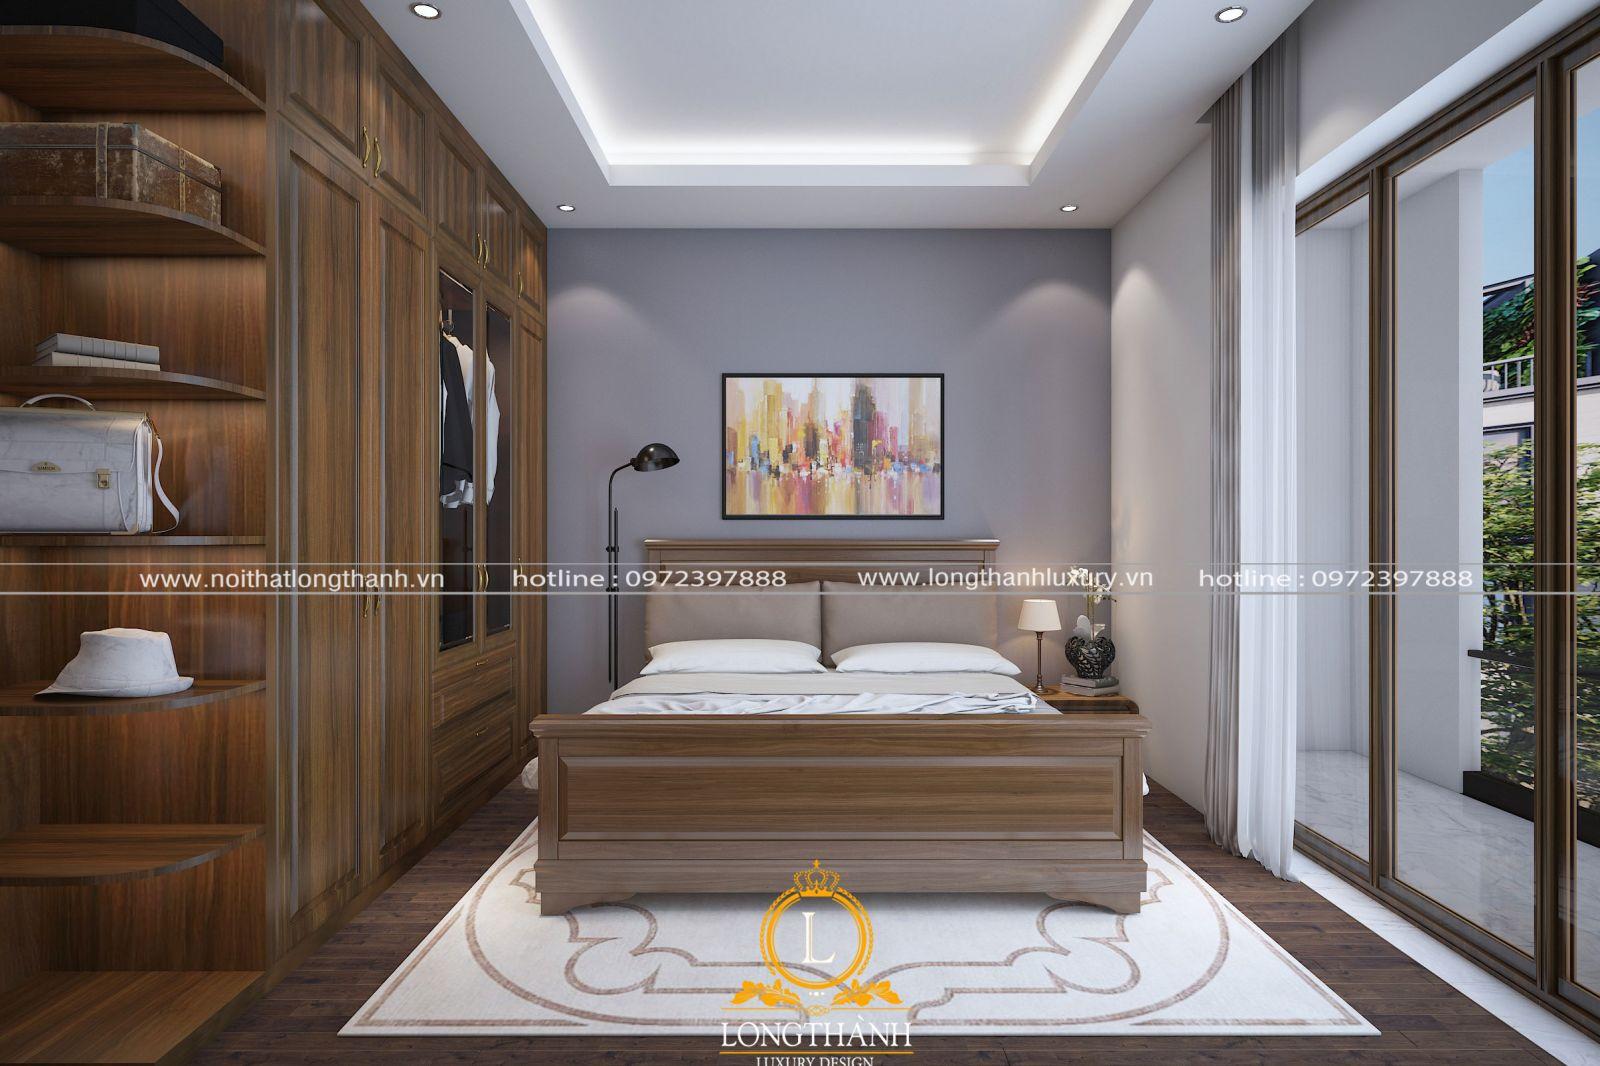 Giường ngủ được bố trí cân đối trong căn phòng ngủ có diện tích hạn chế